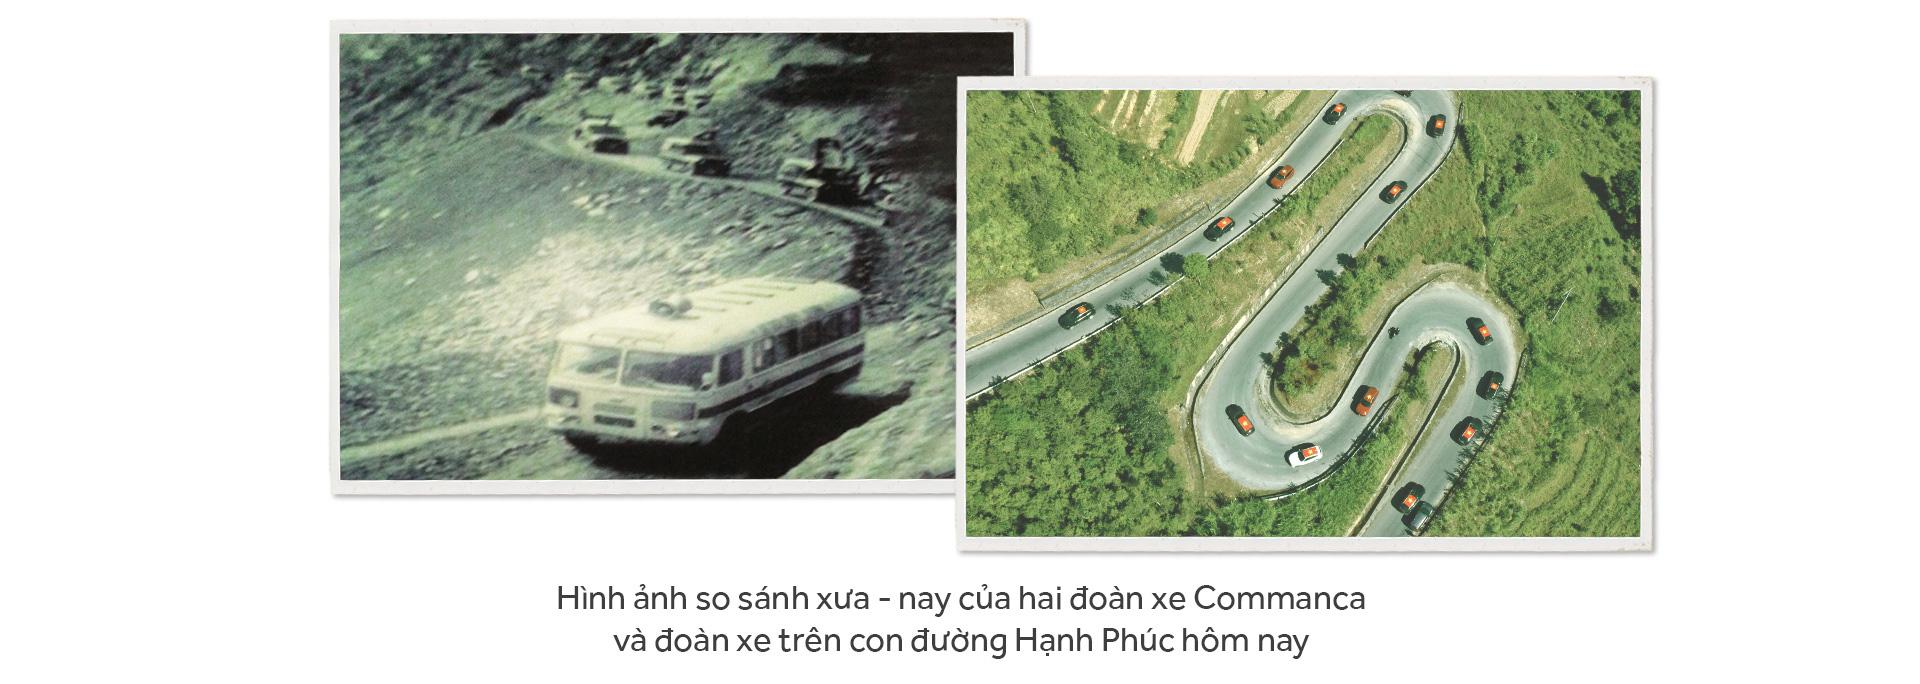 55 năm Cung đường Hạnh Phúc trên trập trùng núi đá Hà Giang - Ảnh 2.